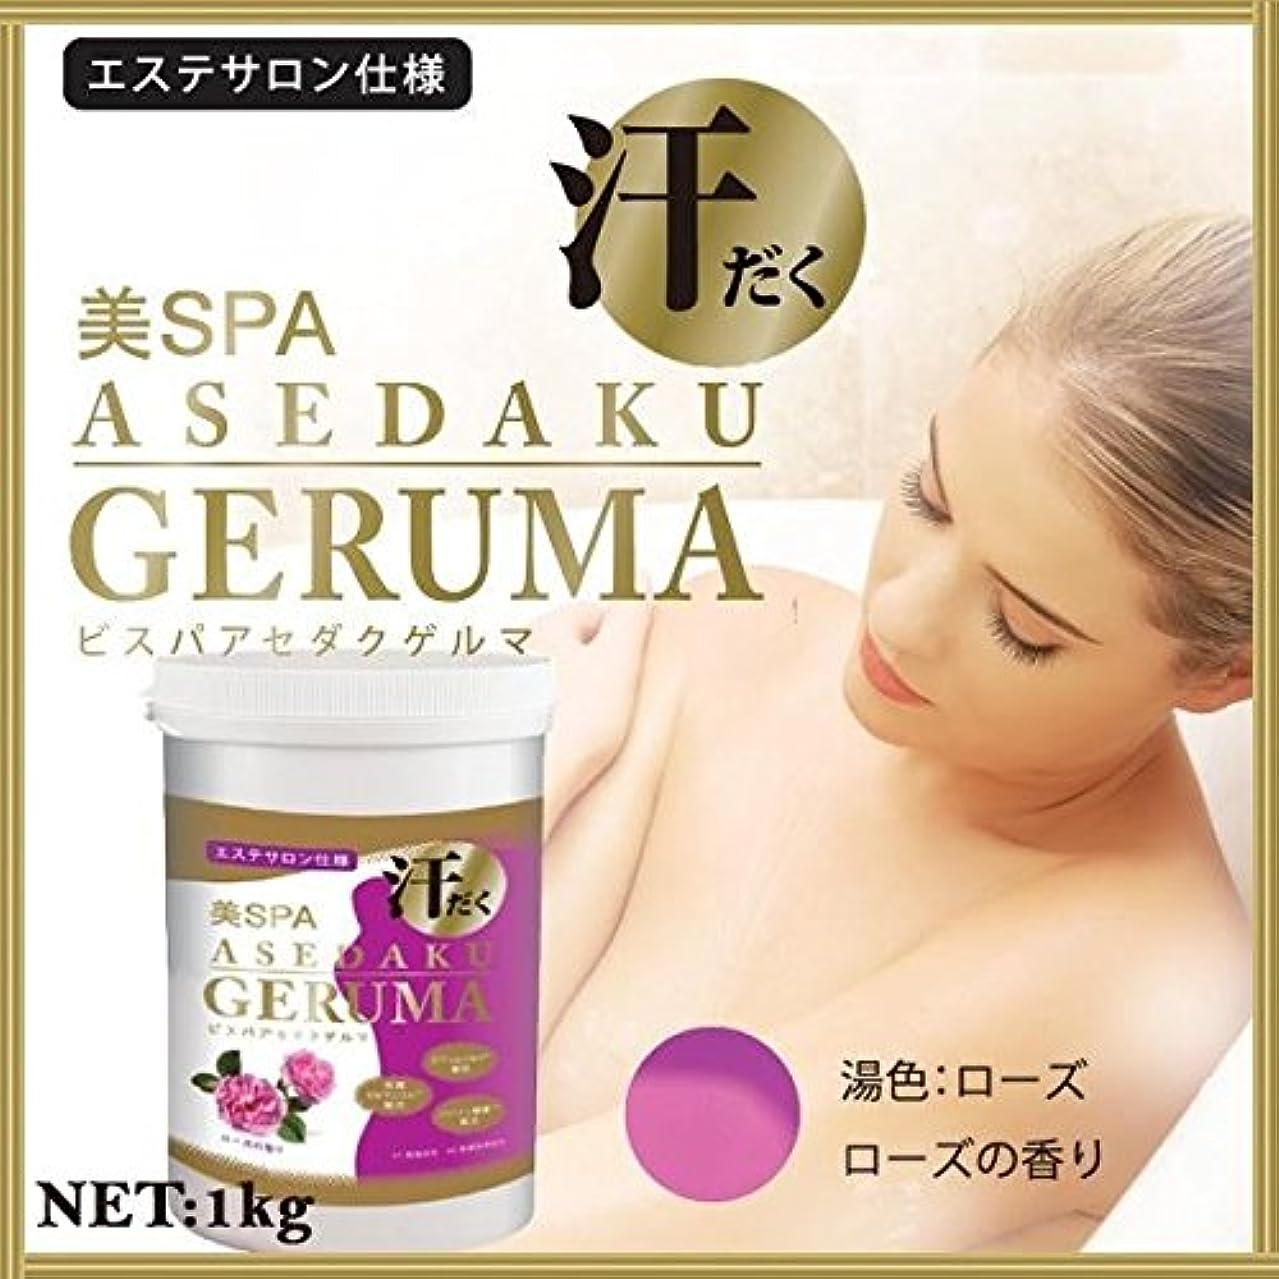 アフリカ子犬最後のゲルマニウム入浴料 美SPA ASEDAKU GERUMA ROSE(ローズ) ボトル 1kg